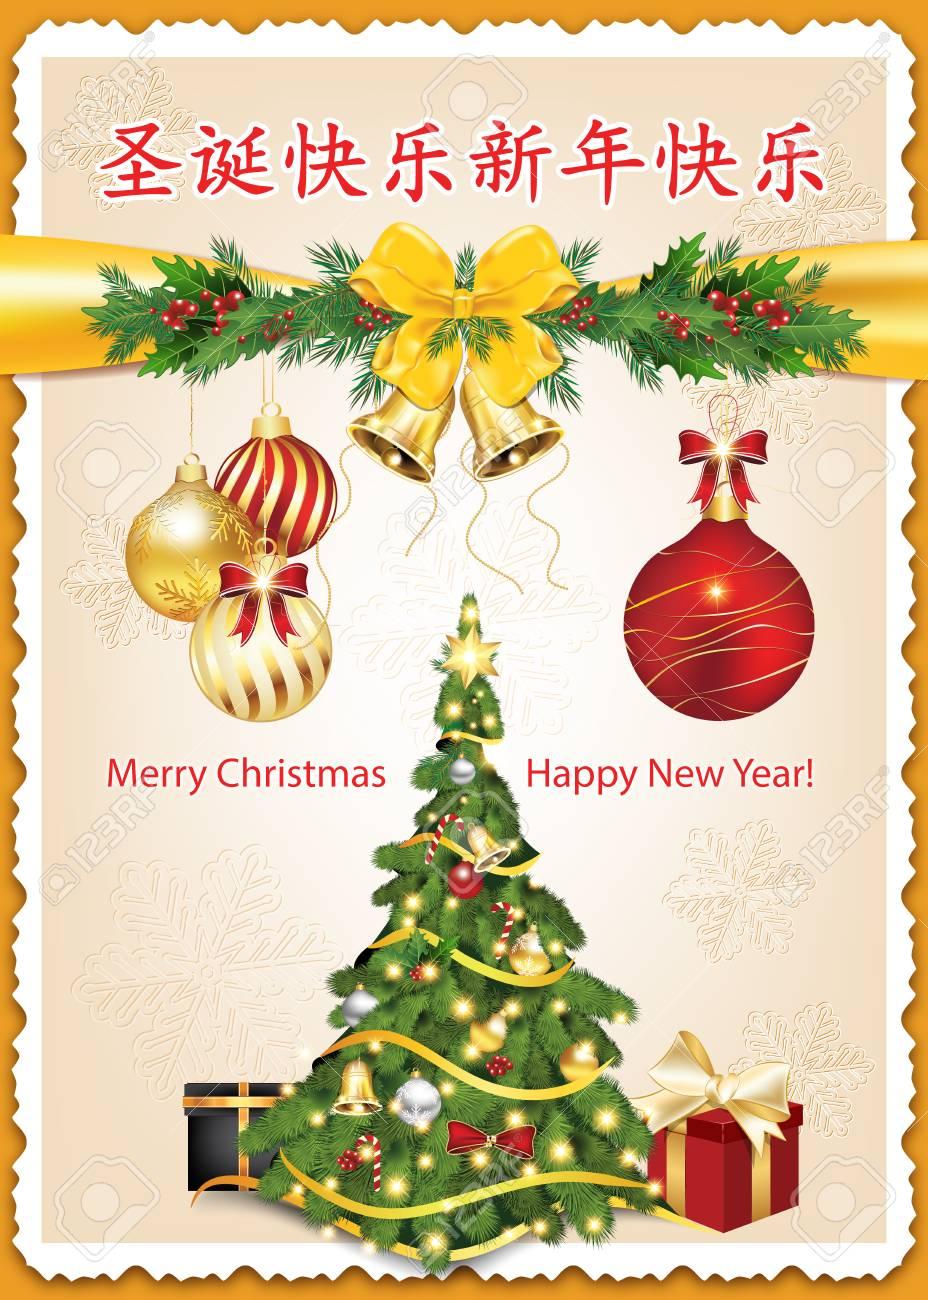 Felicitacion Navidad Personalizada Fotos.Tarjeta De Felicitacion De Negocios Para Navidad Y Ano Nuevo En Chino E Ingles Texto En Chino Feliz Navidad Y Prospero Ano Nuevo Colores De